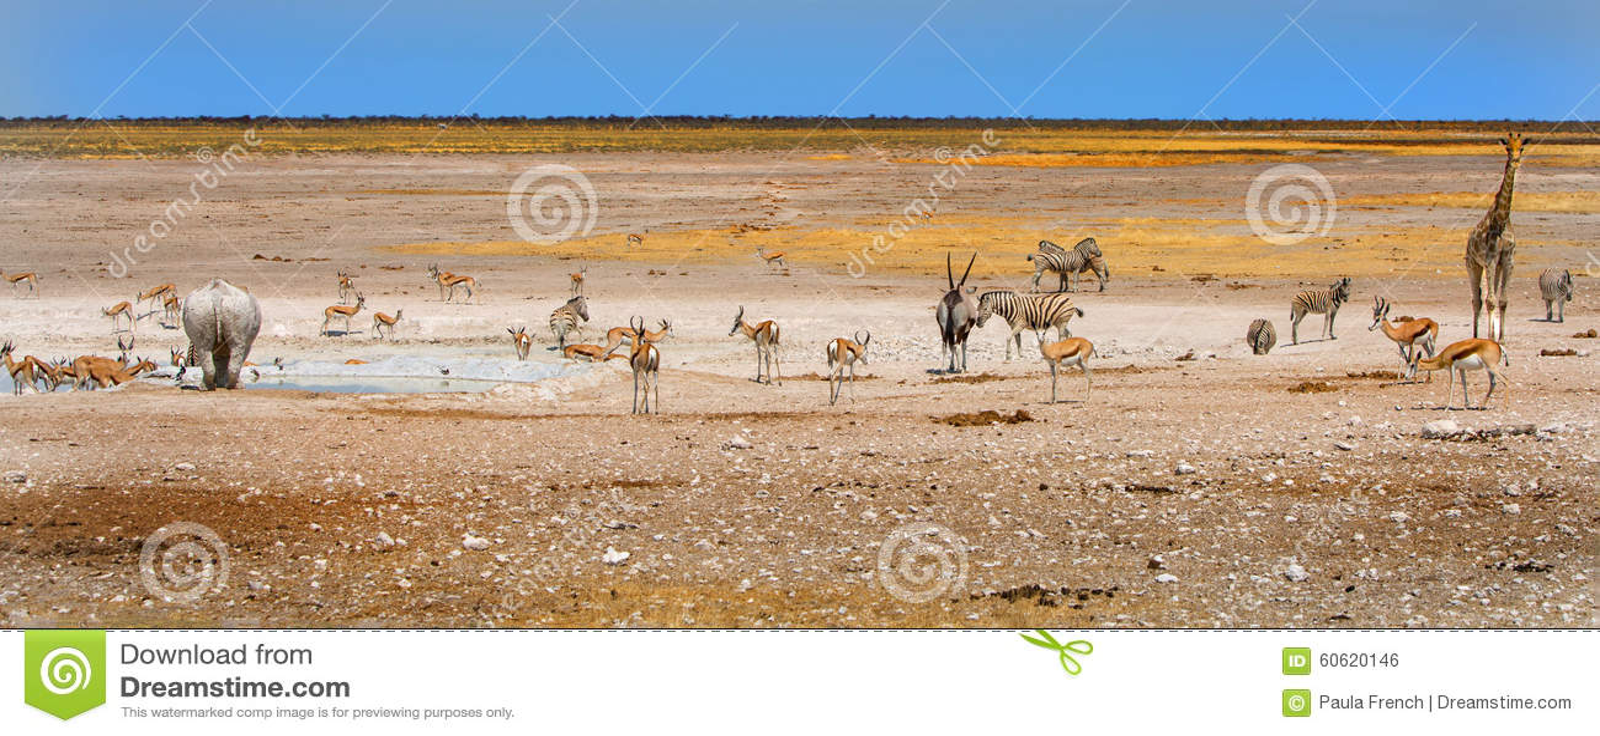 Ποικίλα ζώα γύρω από ένα waterhole στο εθνικό πάρκο Etosha